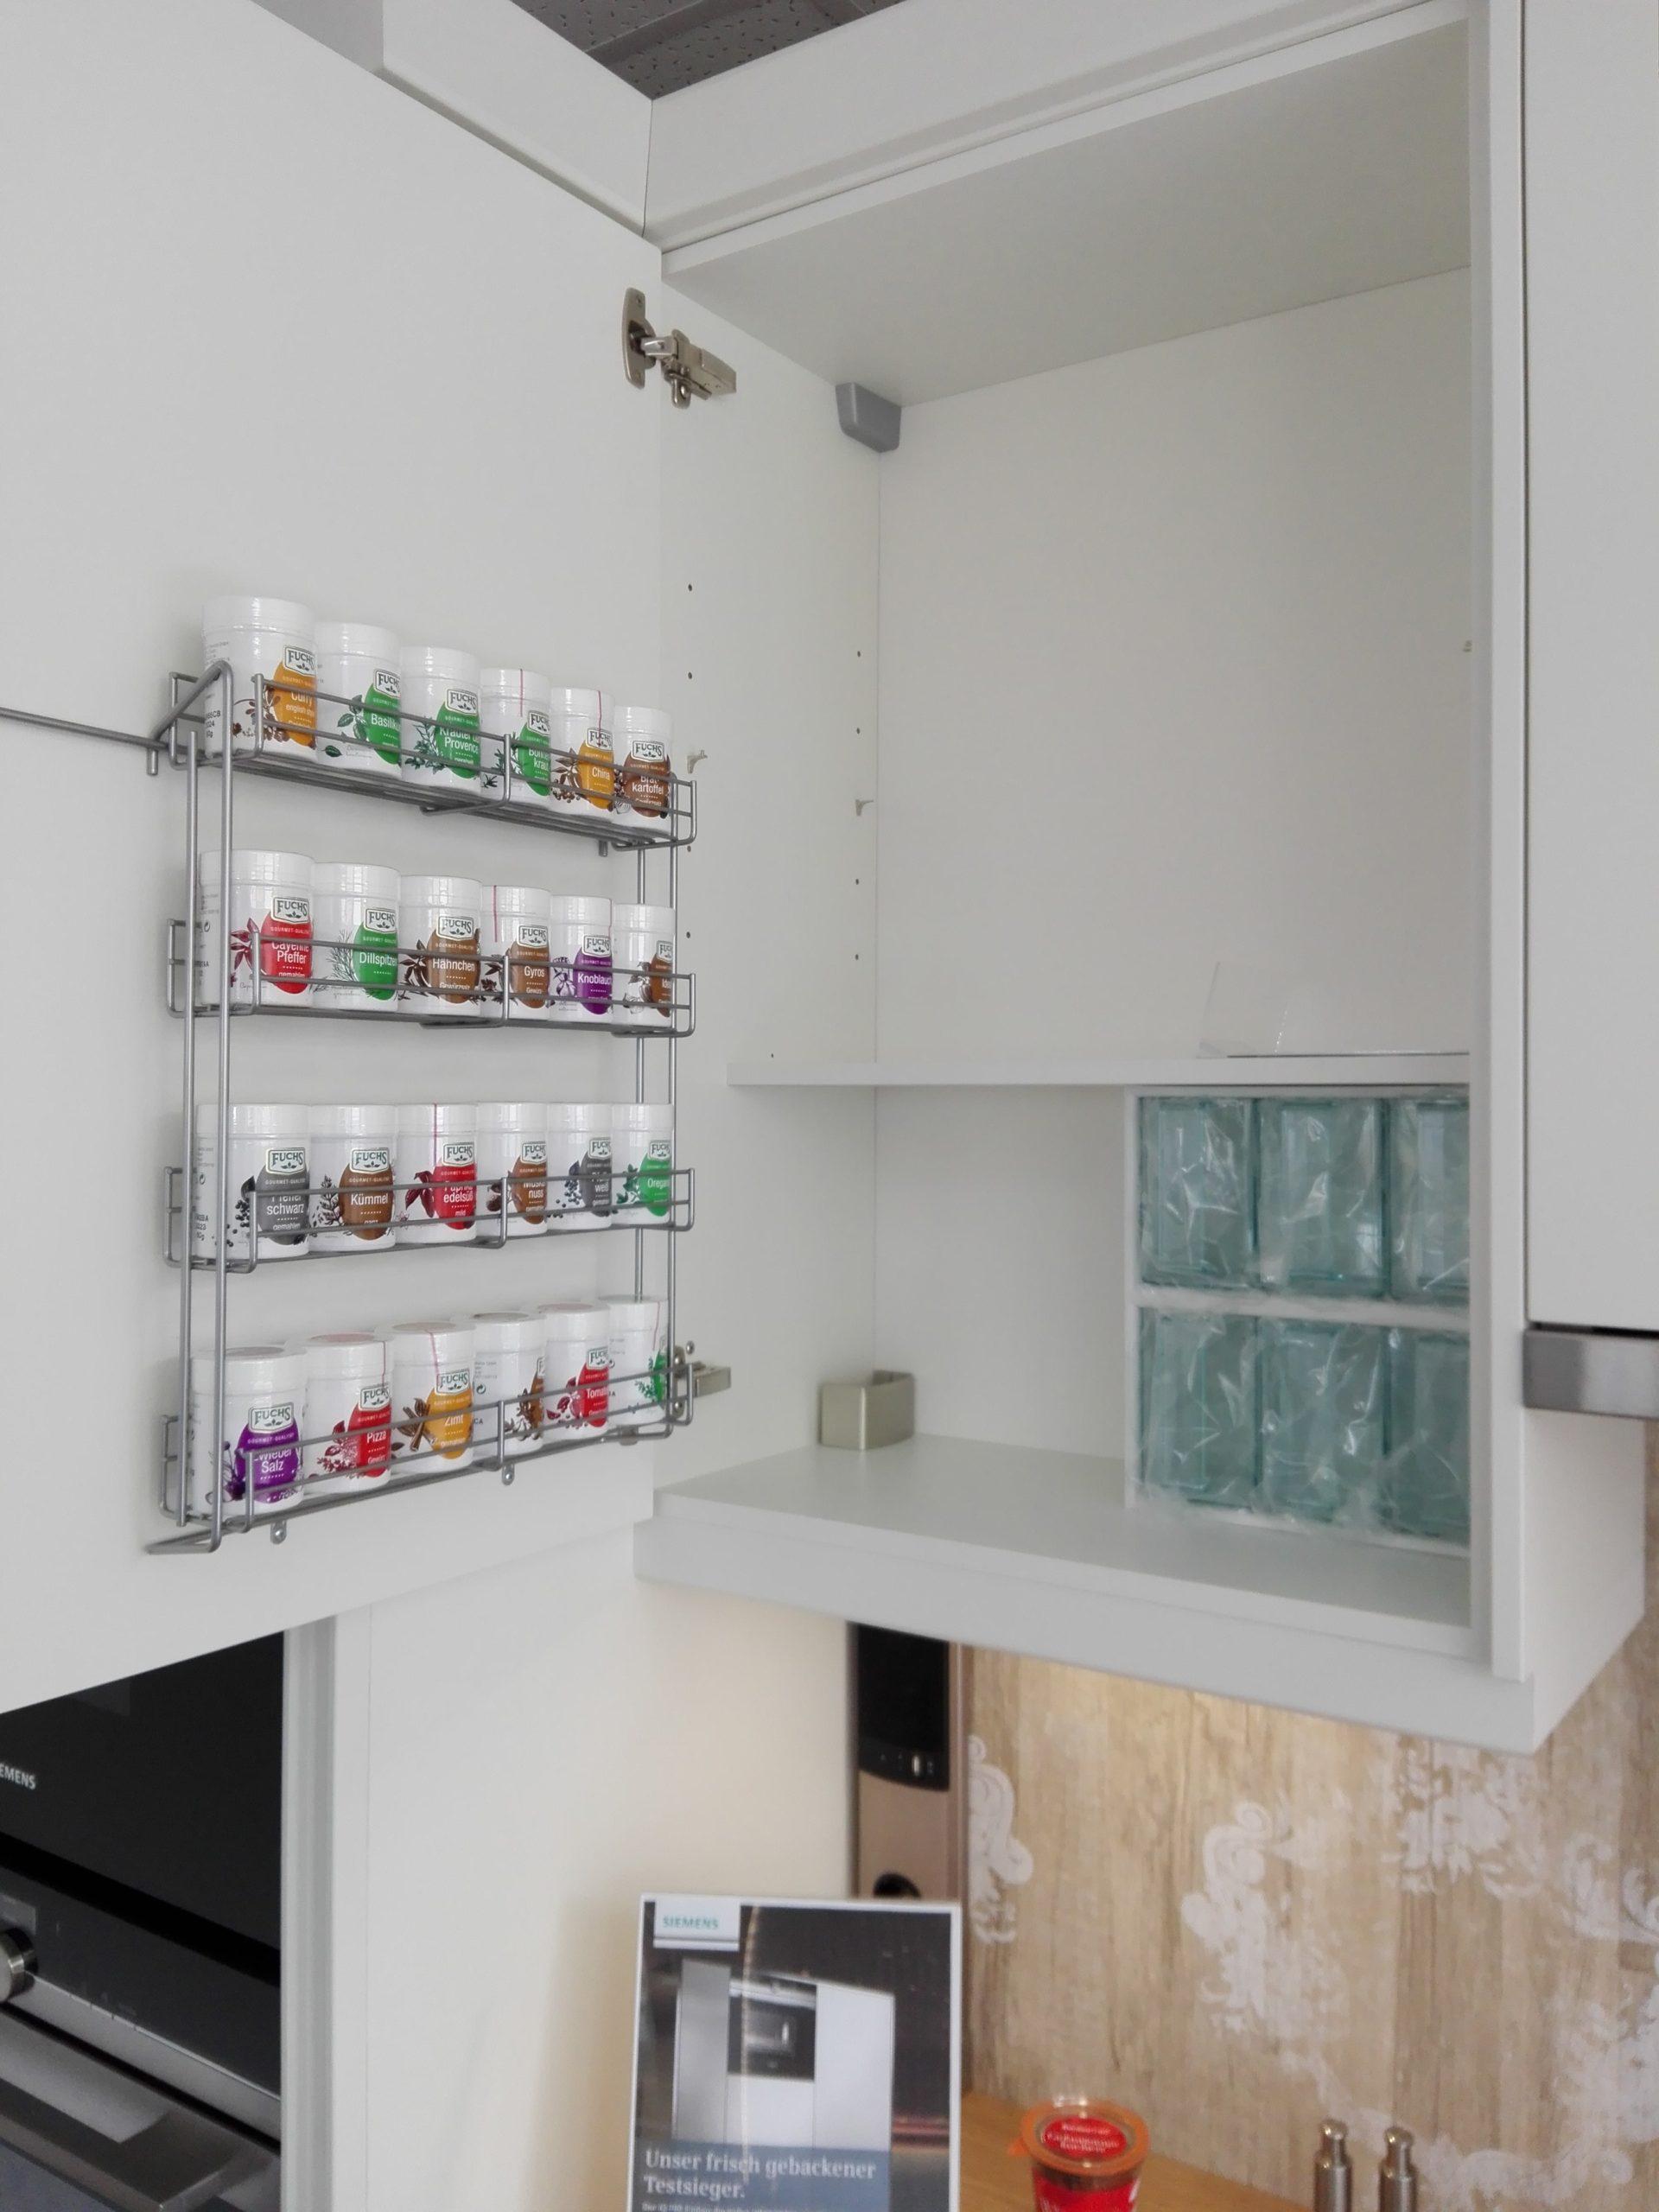 Küche 17 - Gewürzhängeschrank inkl. Schütten - Küche Life Style